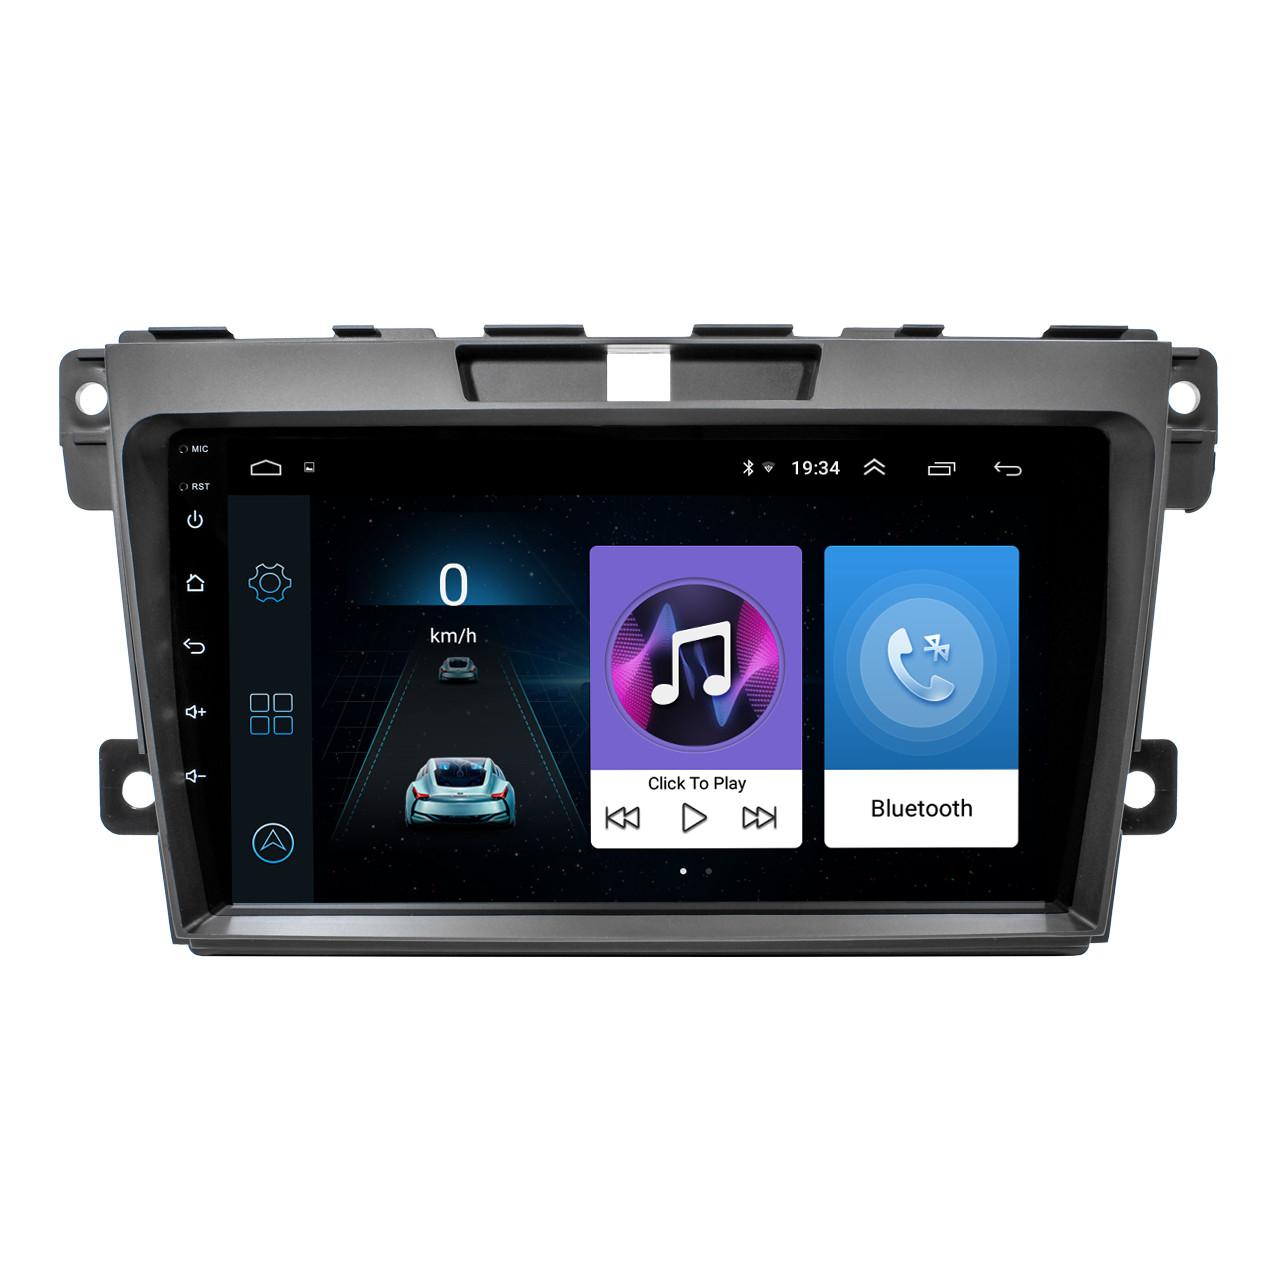 """Штатная автомобильная магнитола Mazda CX-7 (2008-2014 г.) 9"""" память 2/32 Гб GPS Can модуль IGO Wi Fi Android"""